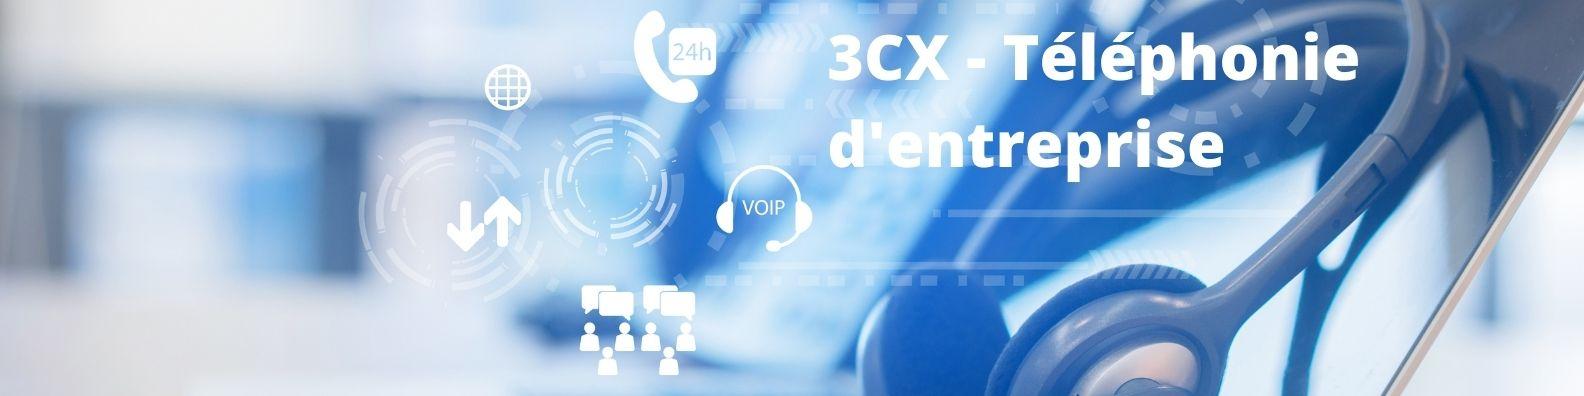 3CX Standard téléphonique